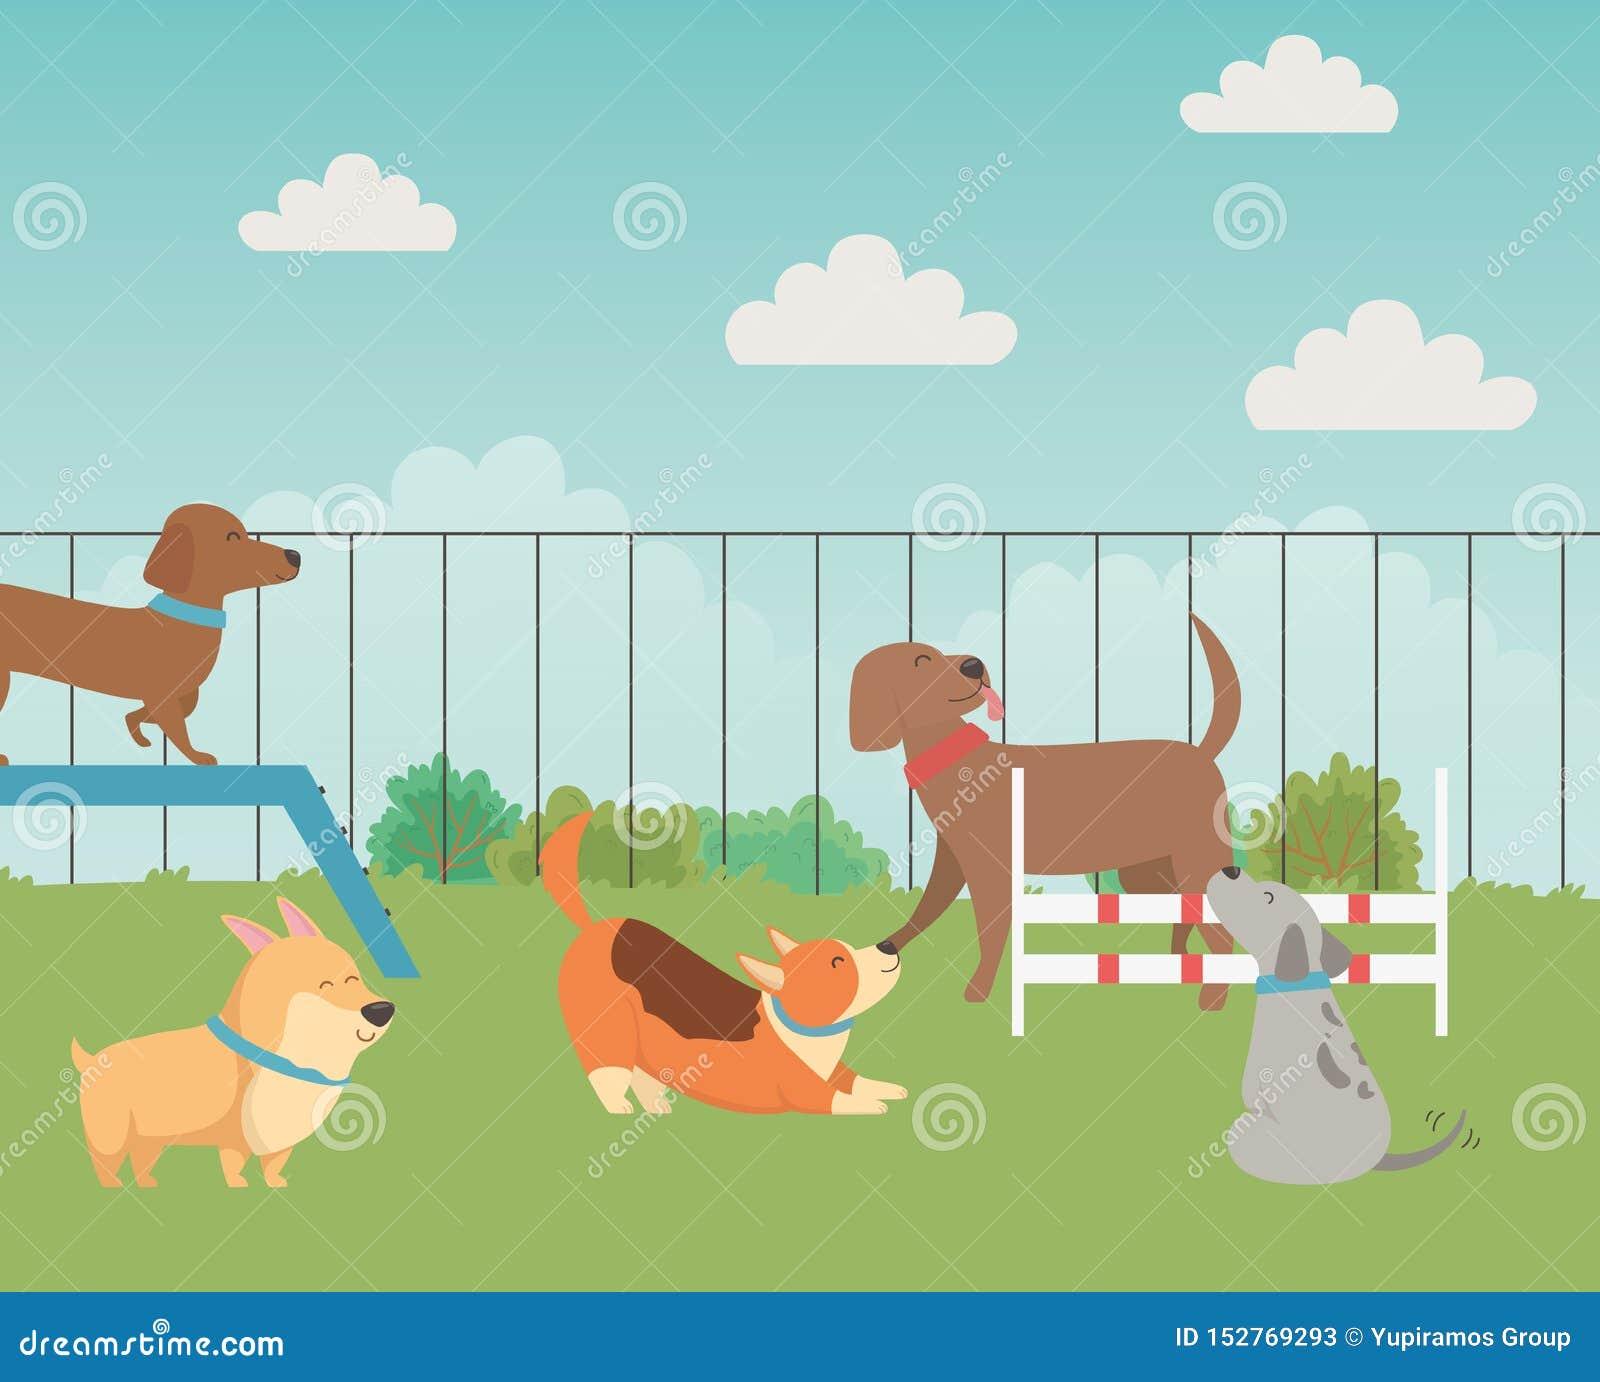 Desenhos animados dos cães no projeto do parque